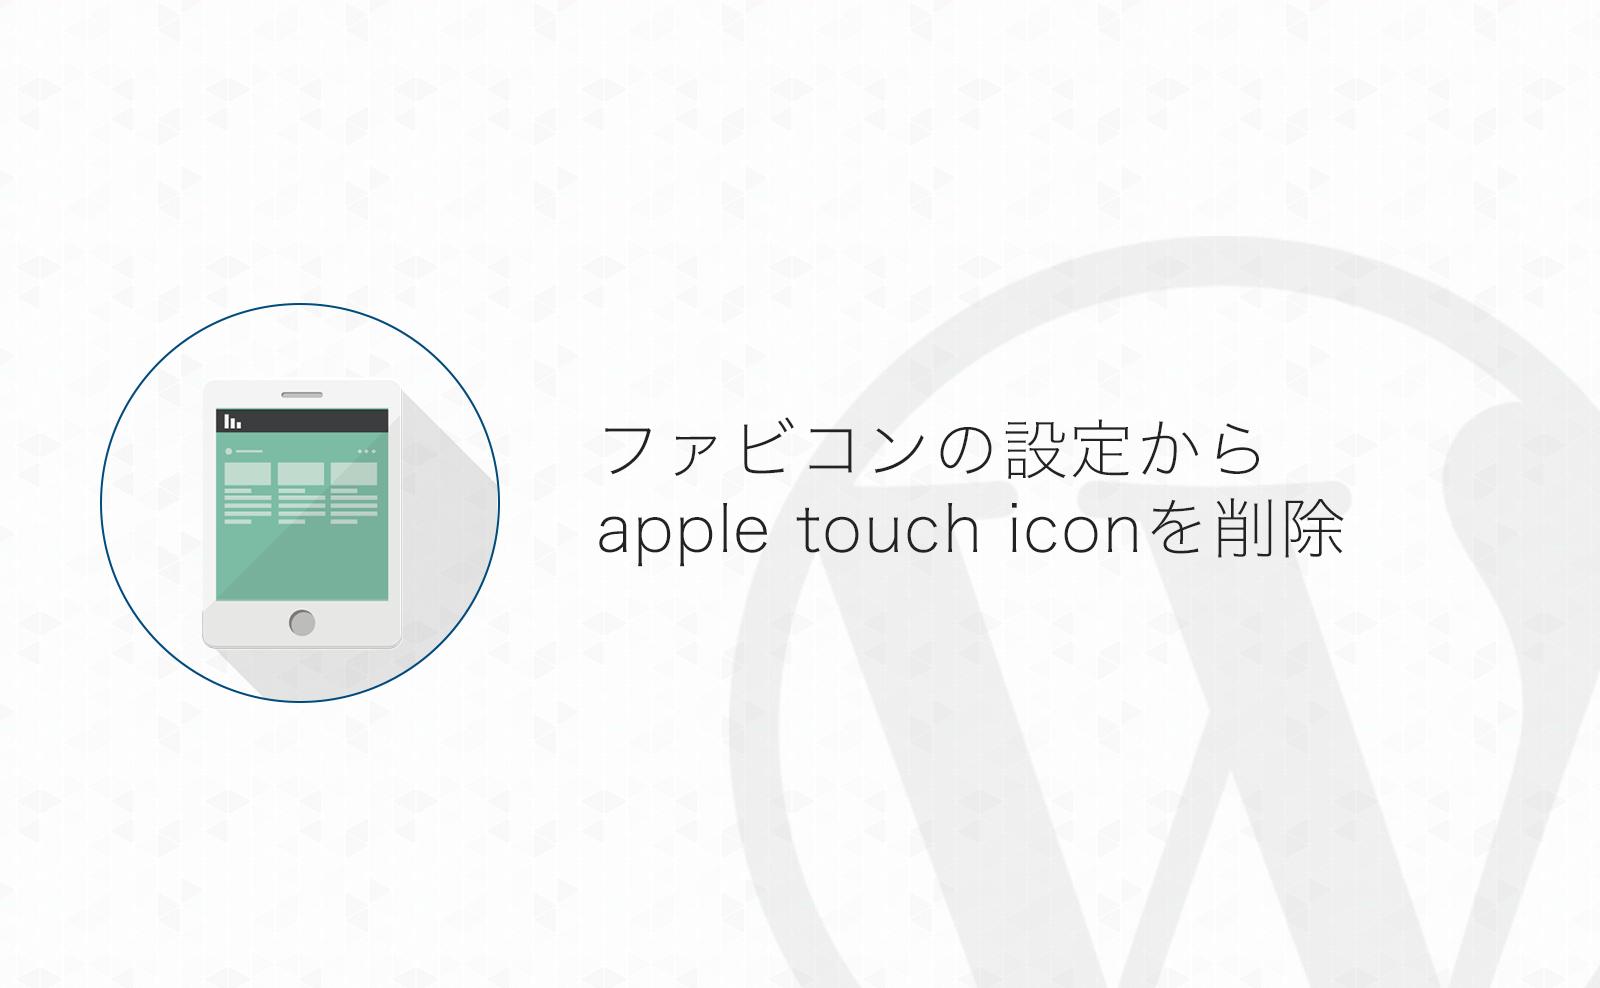 【WordPress】カスタマイザーで設定したサイトアイコンからapple touch iconのタグを削除する方法